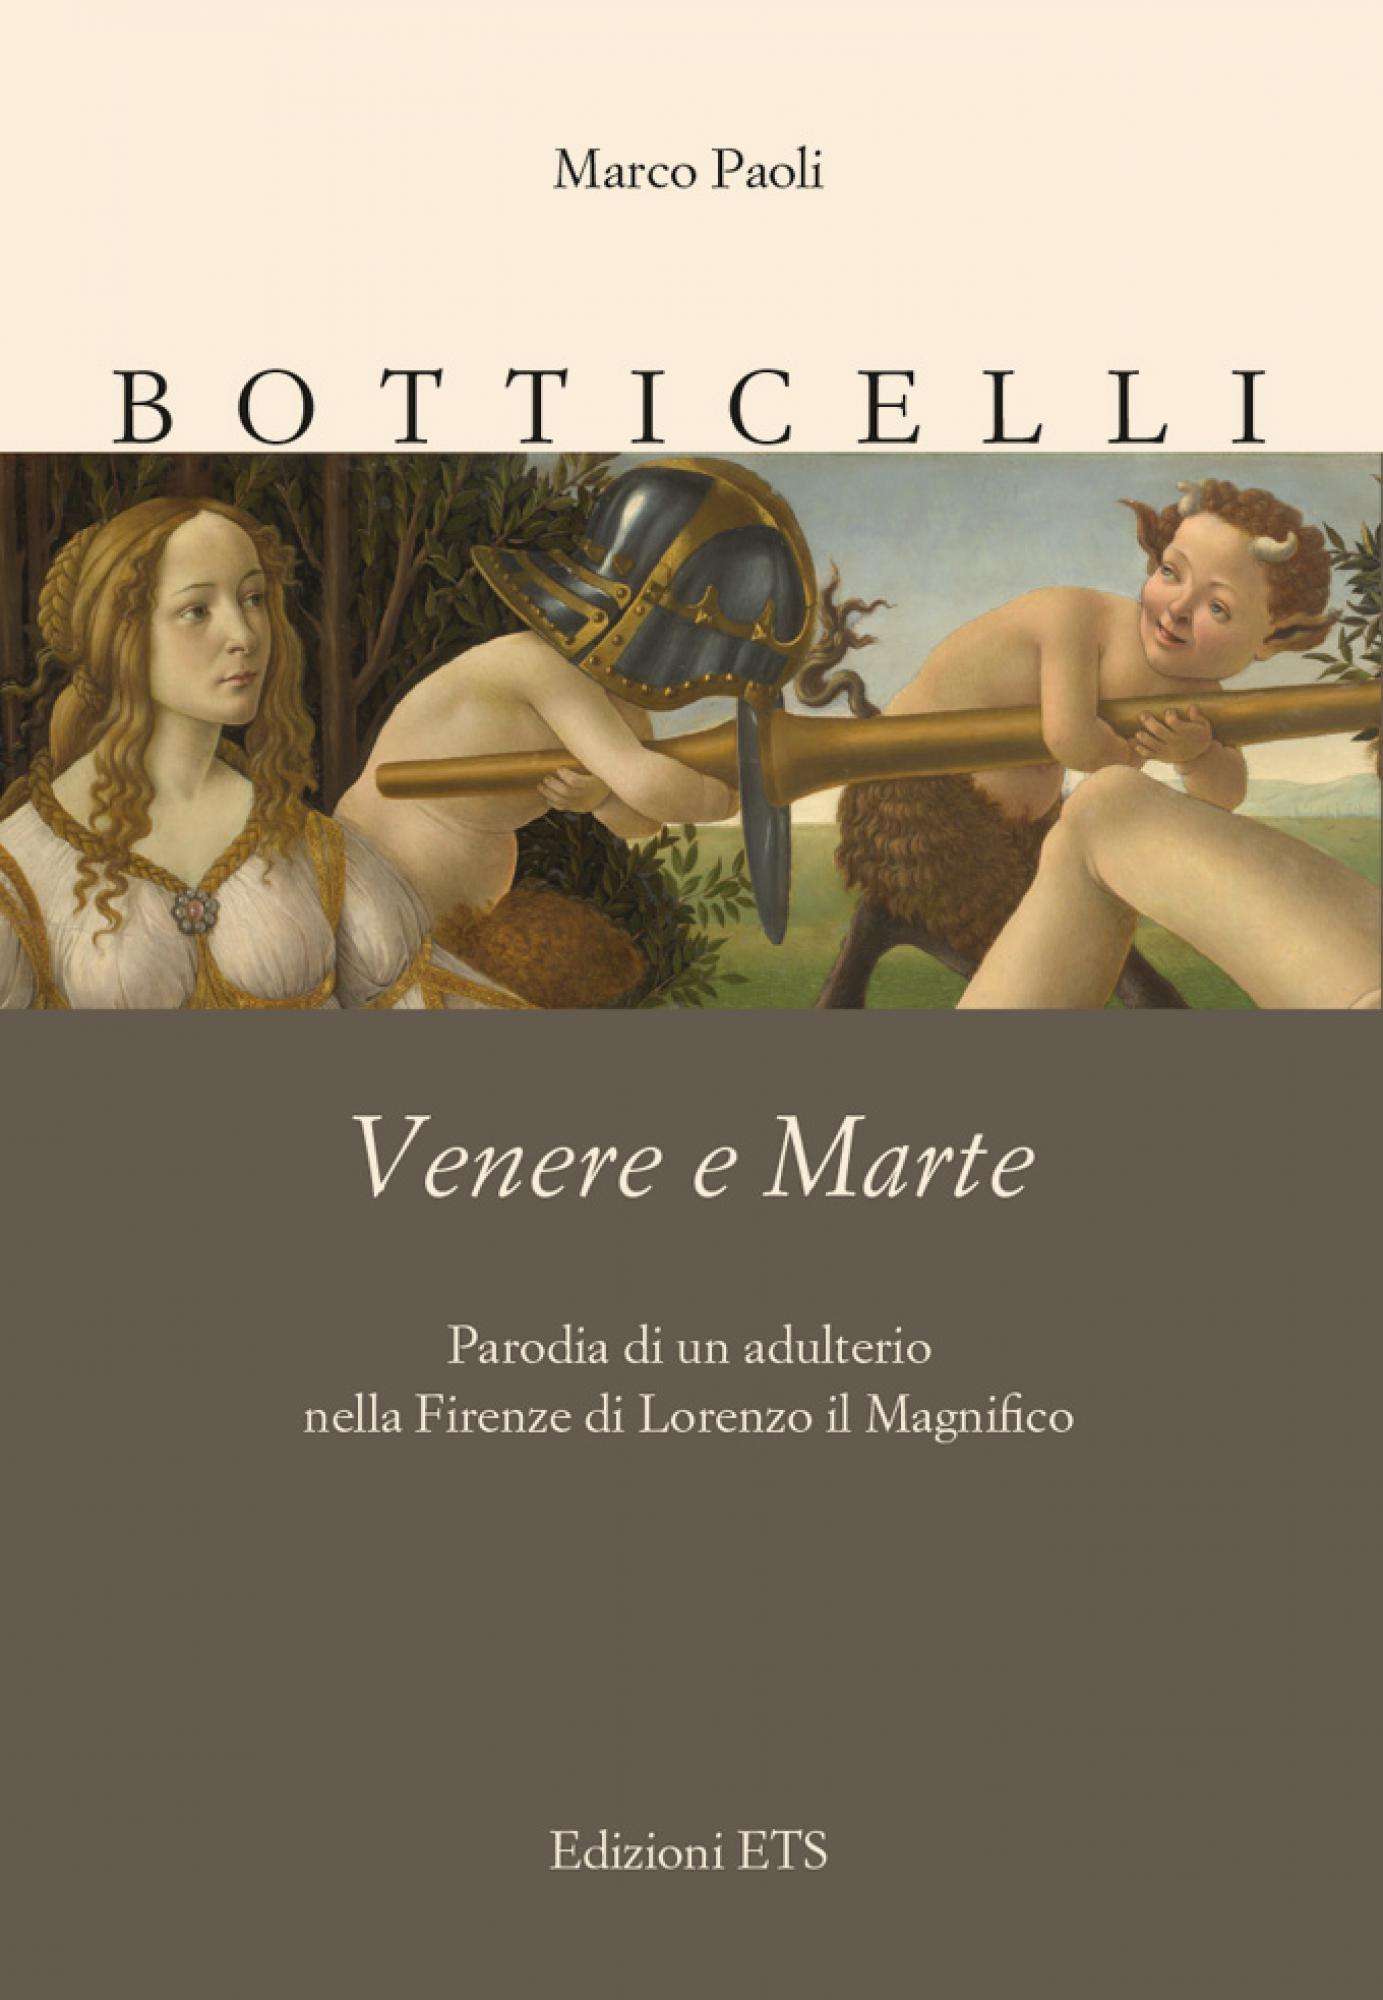 Botticelli. Venere e Marte.Parodia di un adulterio nella Firenze di Lorenzo il Magnifico